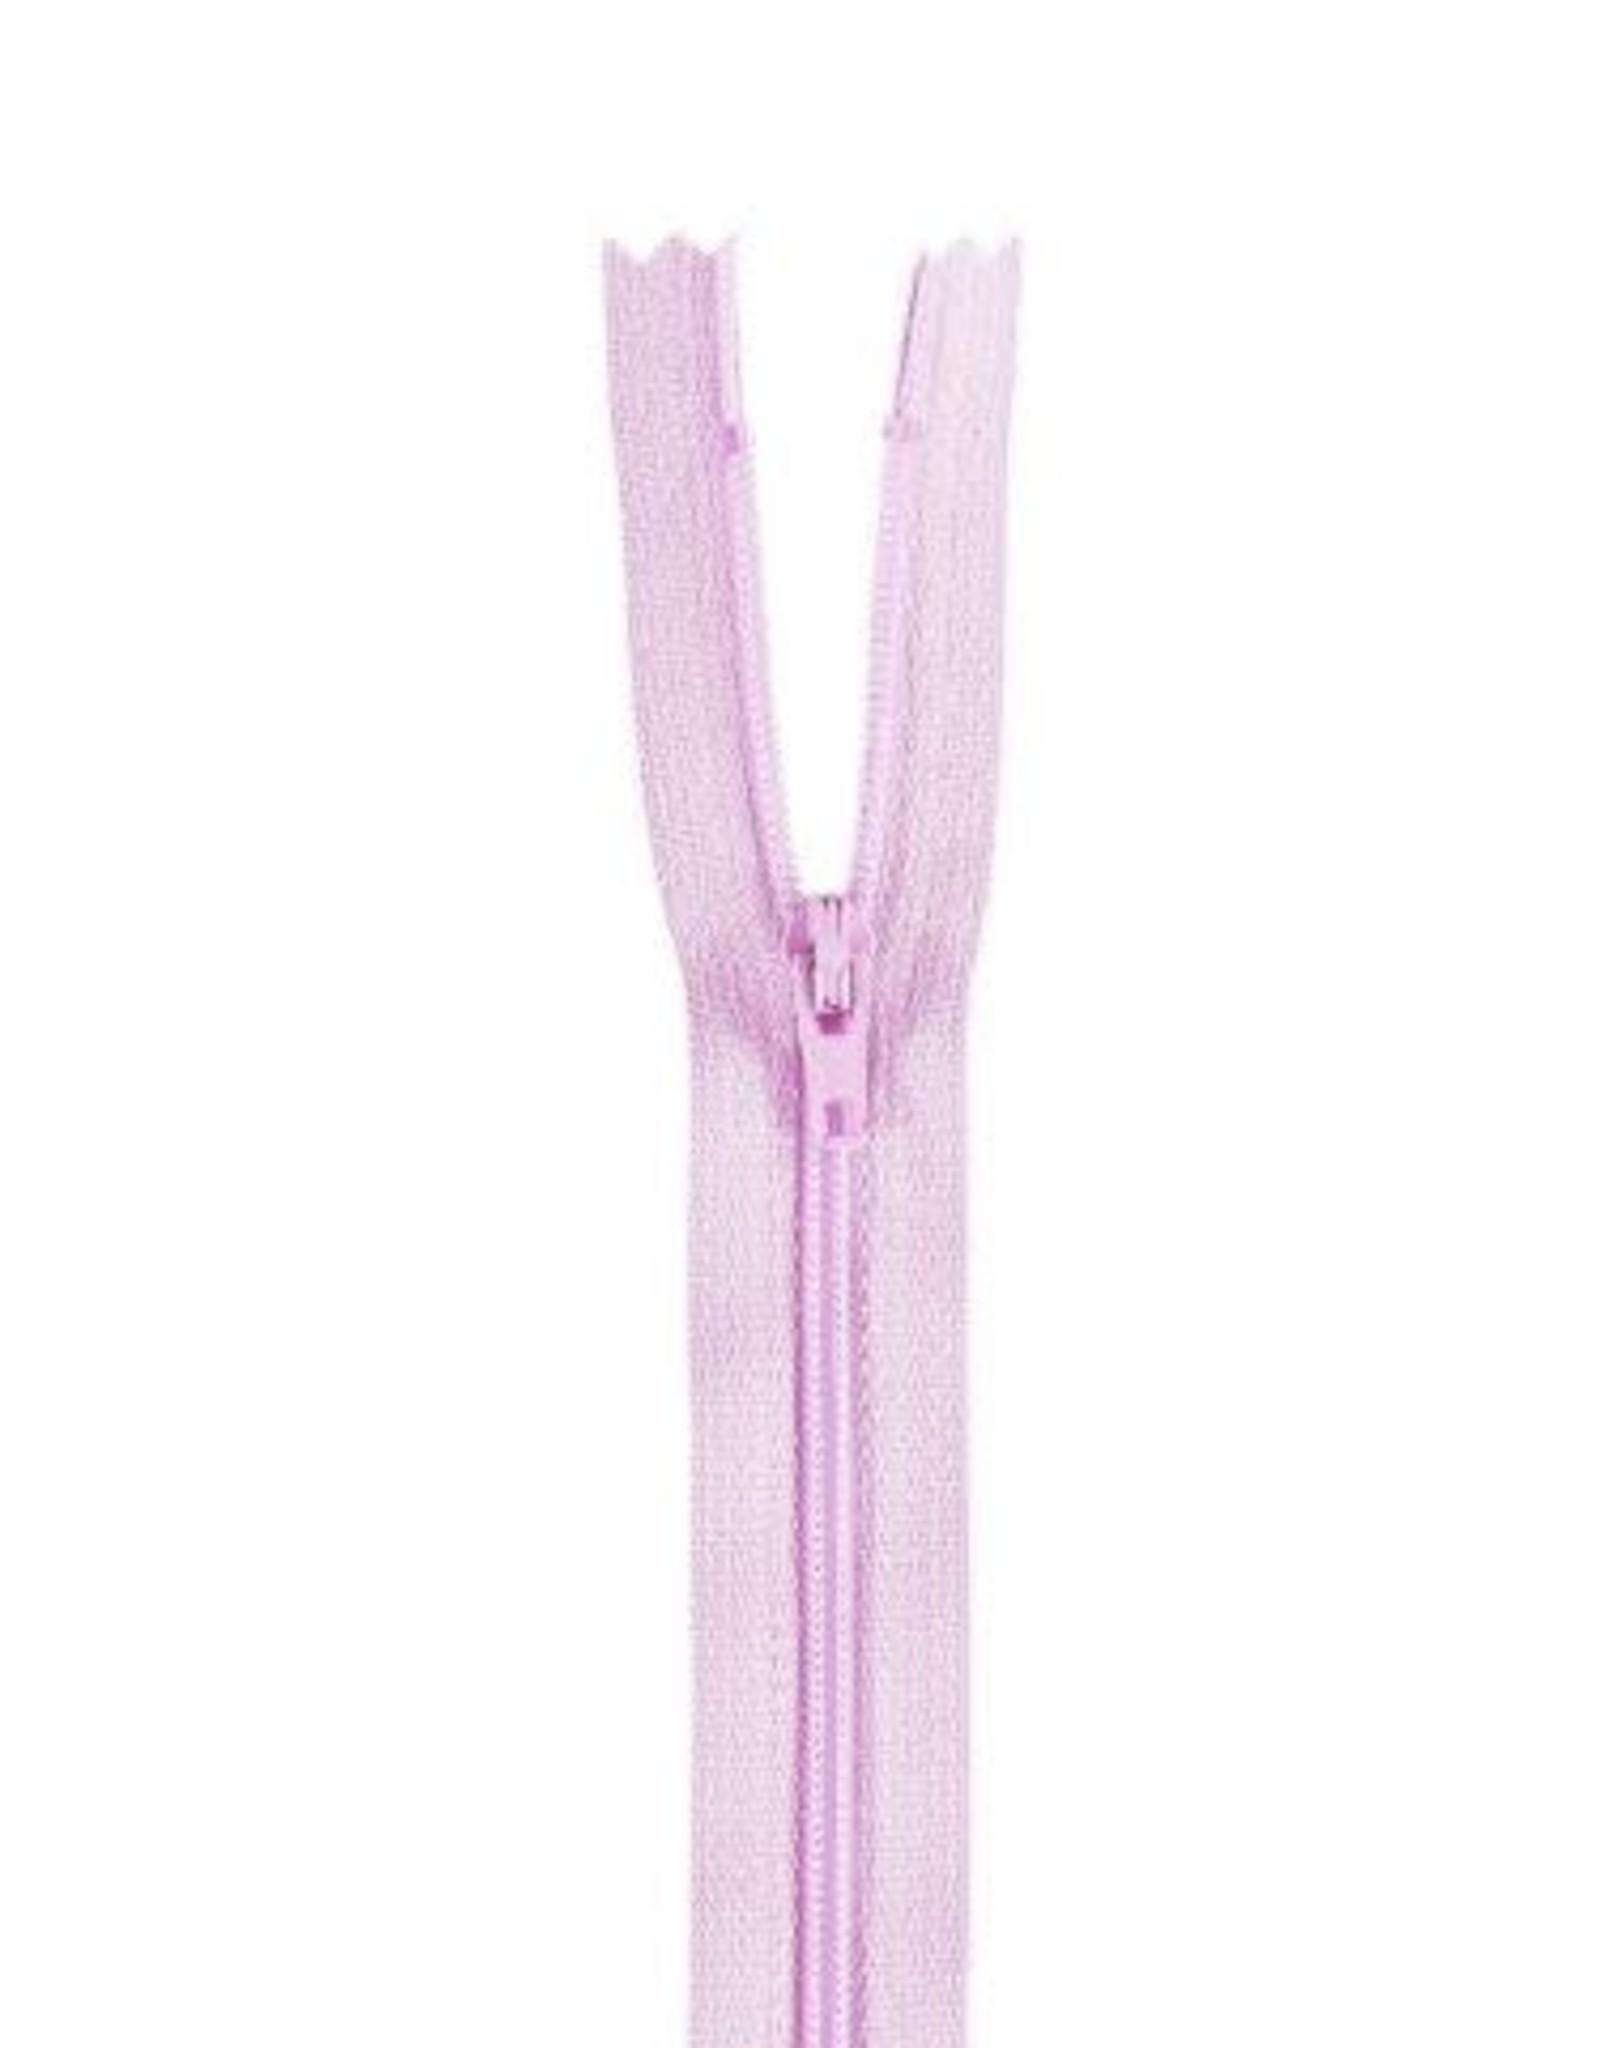 YKK Spiraalrits niet-DB 3mm licht roze paars 068-45cm